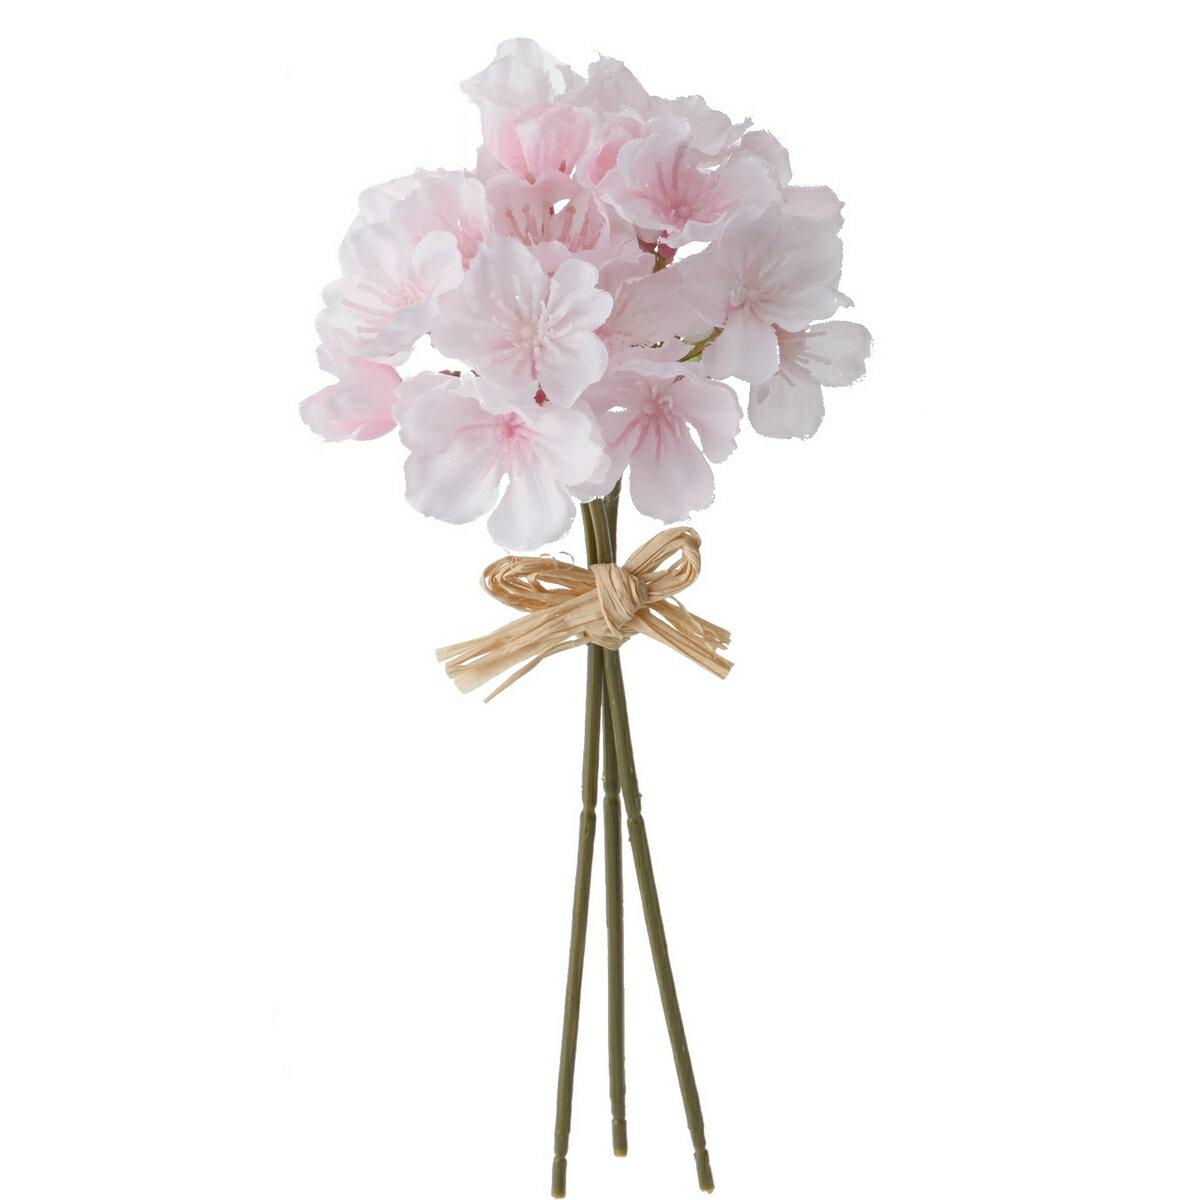 即日 【造花】YDM/サクラピックバンドル ピンク/FS7842-P《 造花(アーティフィシャルフラワー) 造花 花材「さ行」 さくら(桜) 》